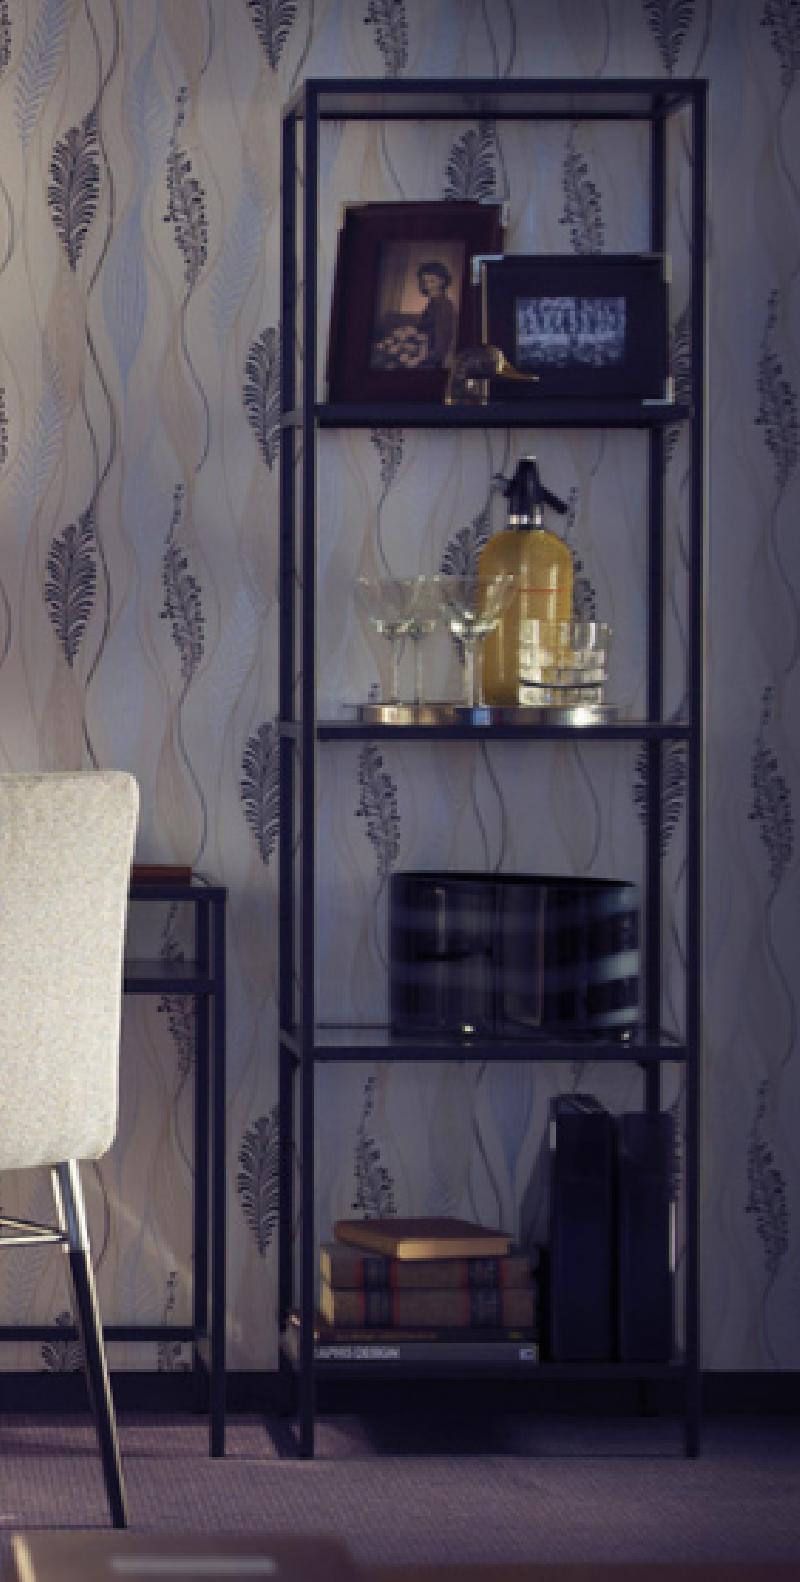 Estanteria metal vidrio IKEA cod:21457 segunda mano ... - photo#7